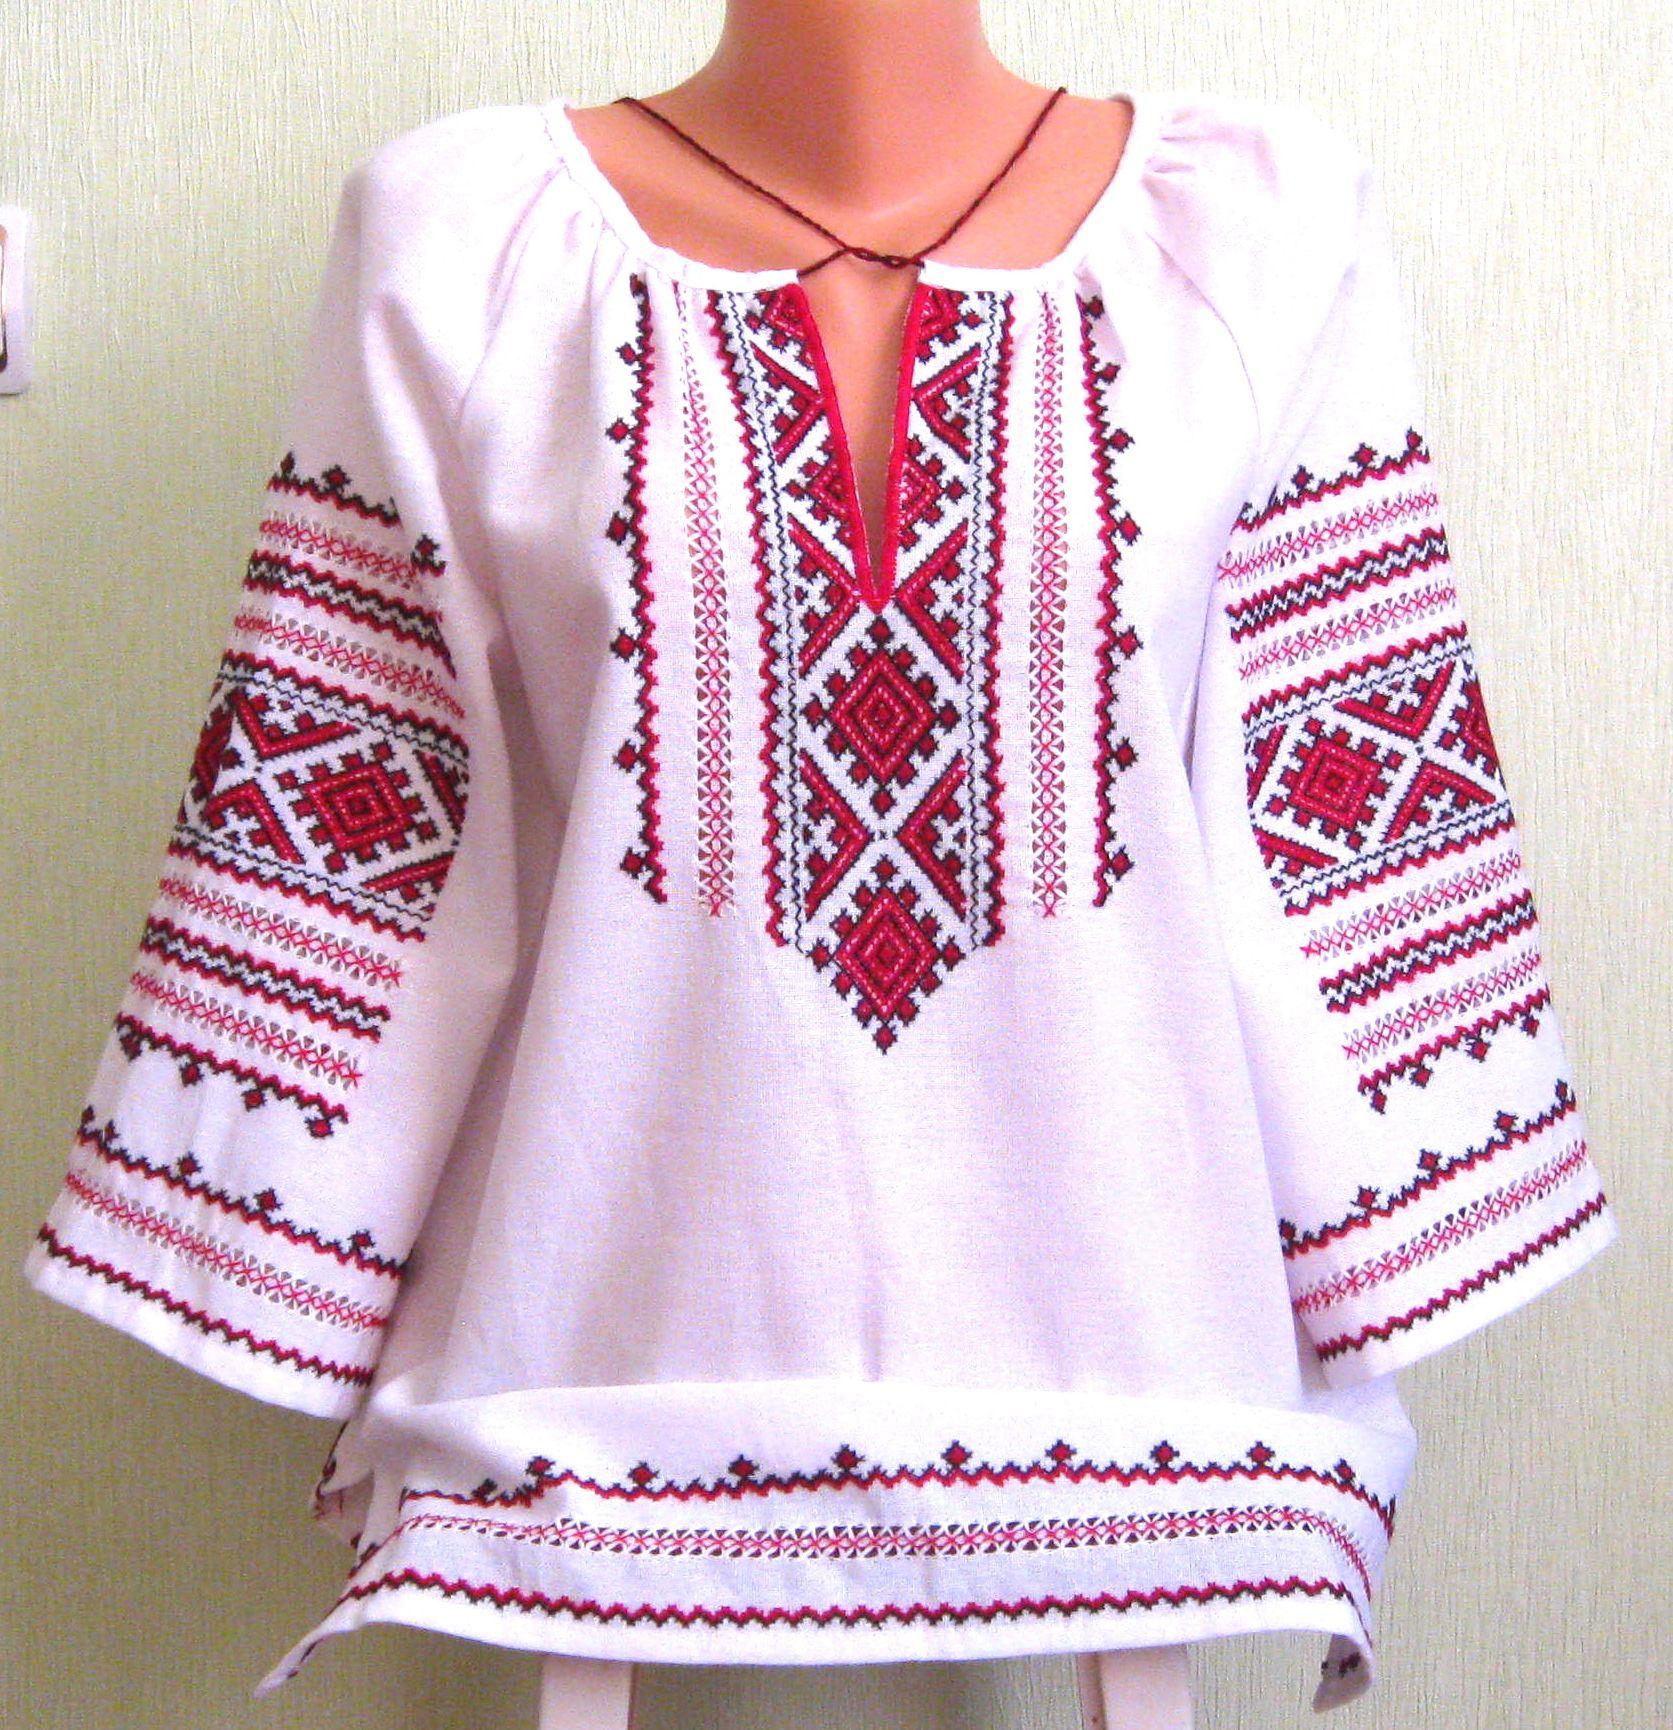 Украинская вышивка сорочки